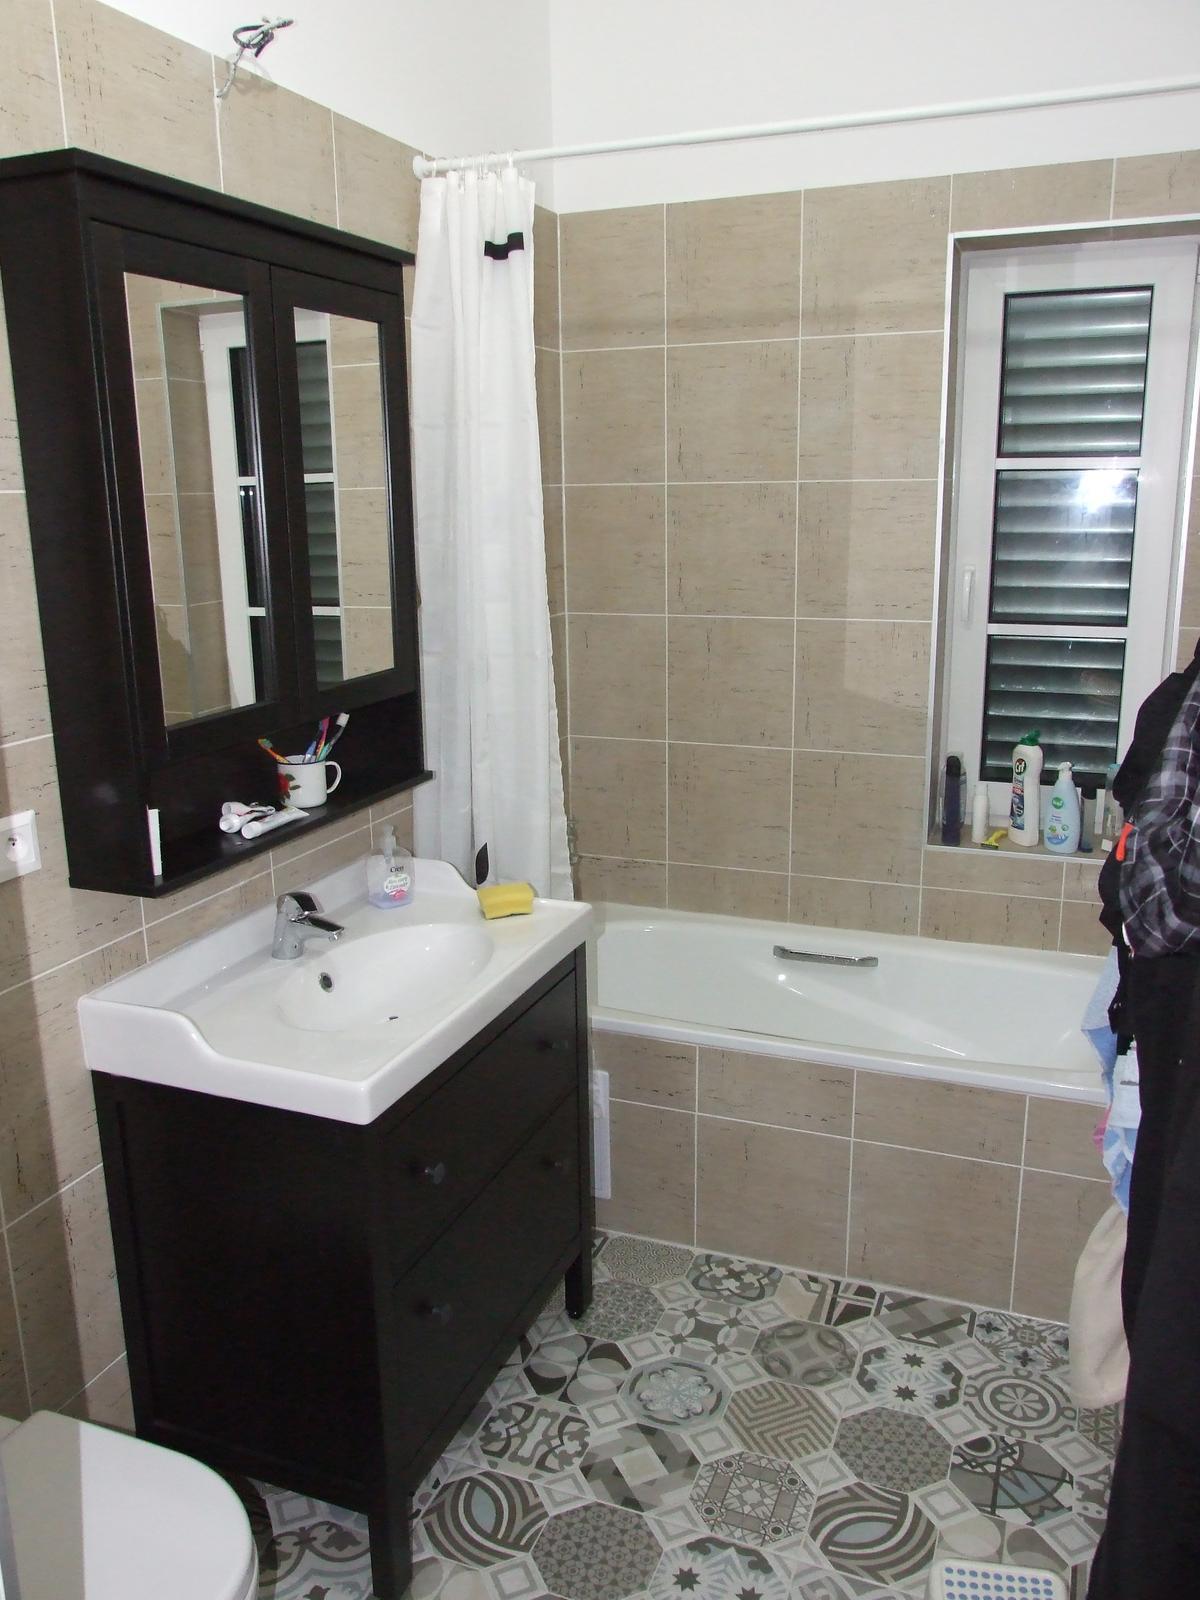 Interiér - kúpelka takmer hotovo